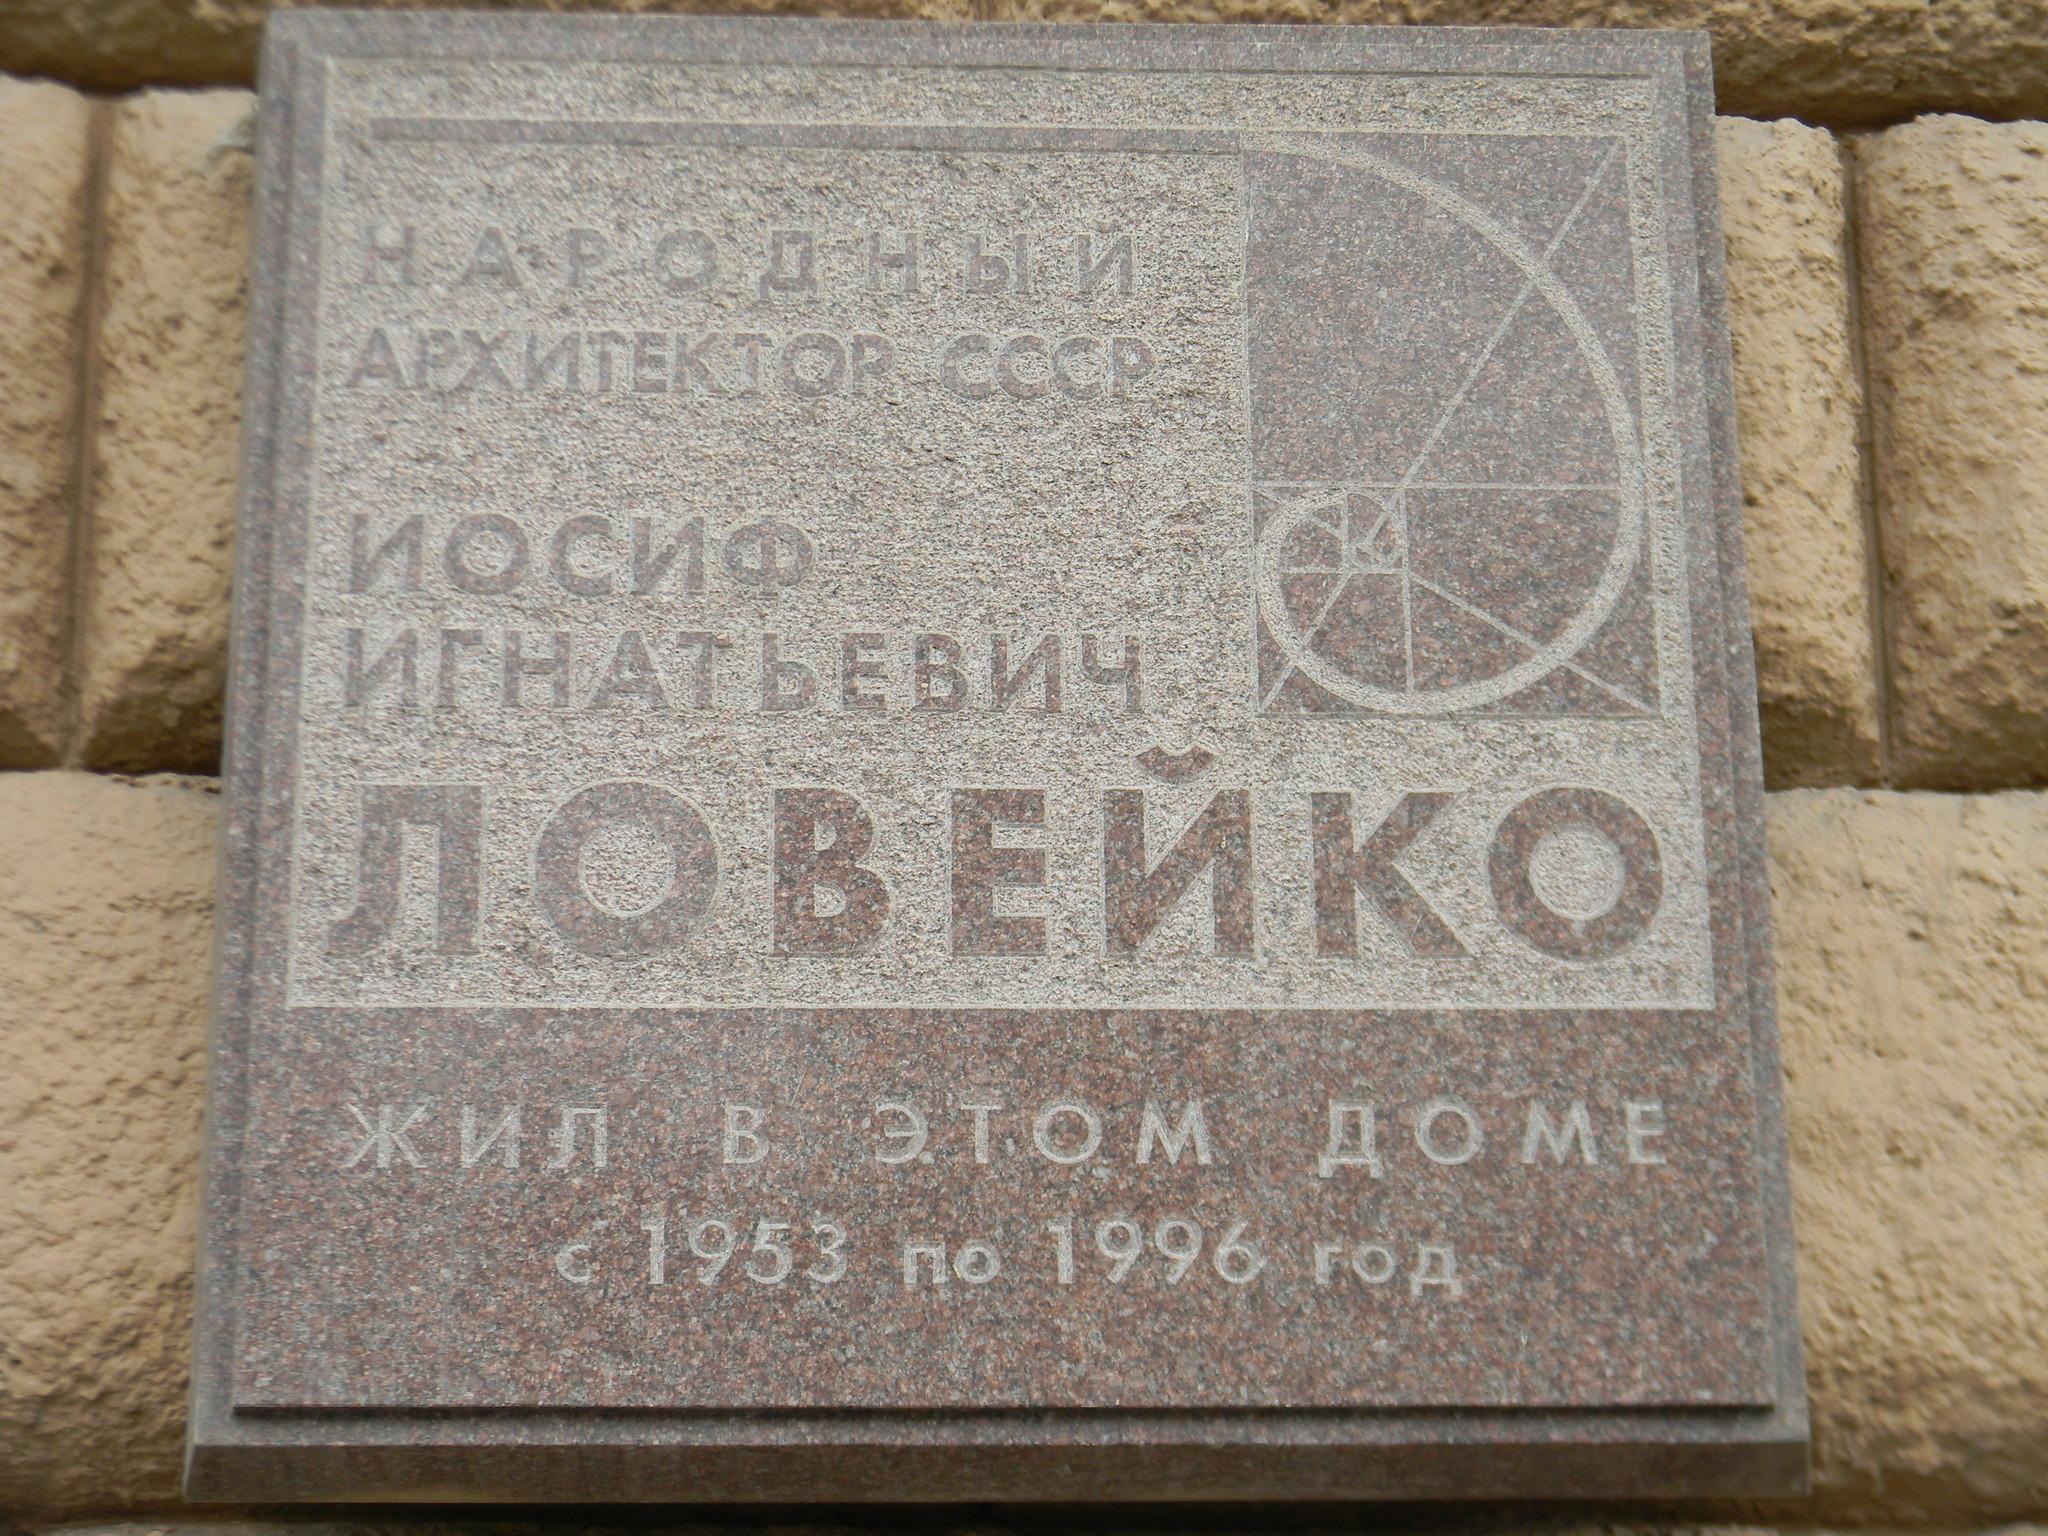 Мемориальная доска на фасаде дома (Новинский бульвар, дом 18, строение 1), где с 1953 года по 1996 год жил главный архитектор Москвы Иосиф Игнатьевич Ловейко